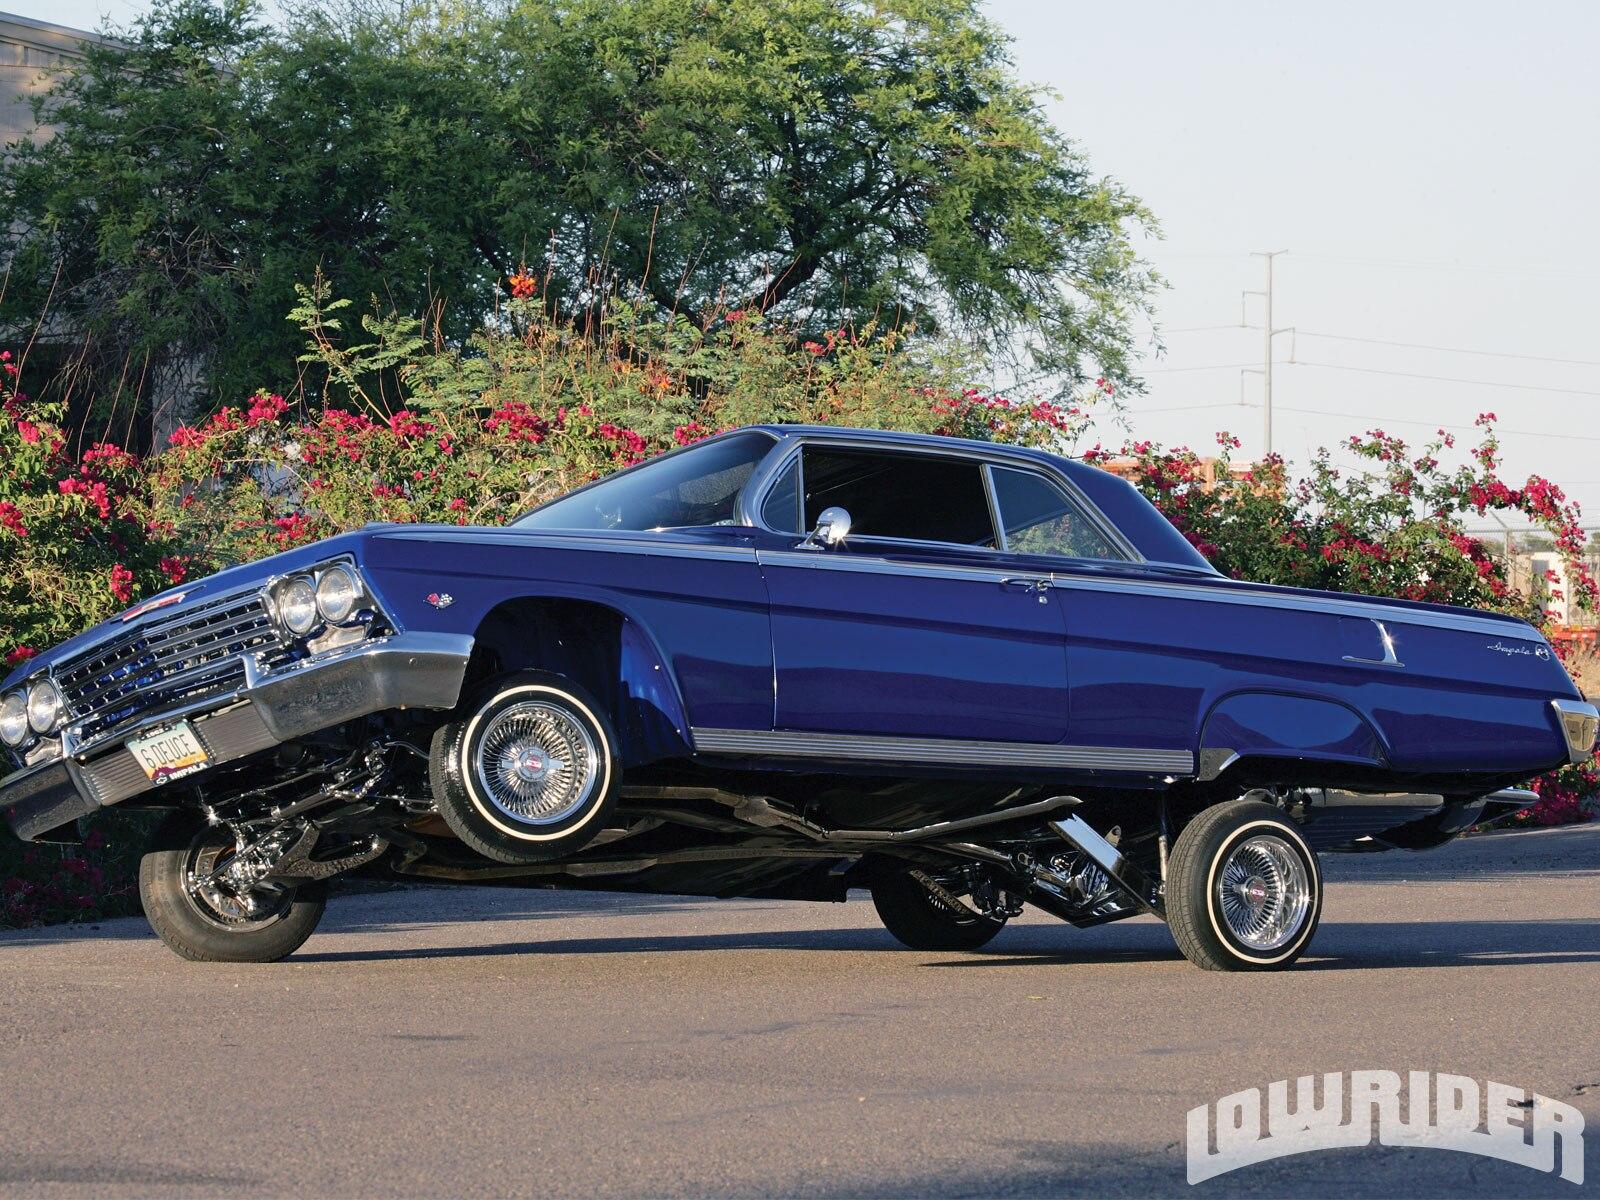 1964 Chevy Impala w/ Hydraulics |Impala Hydraulics